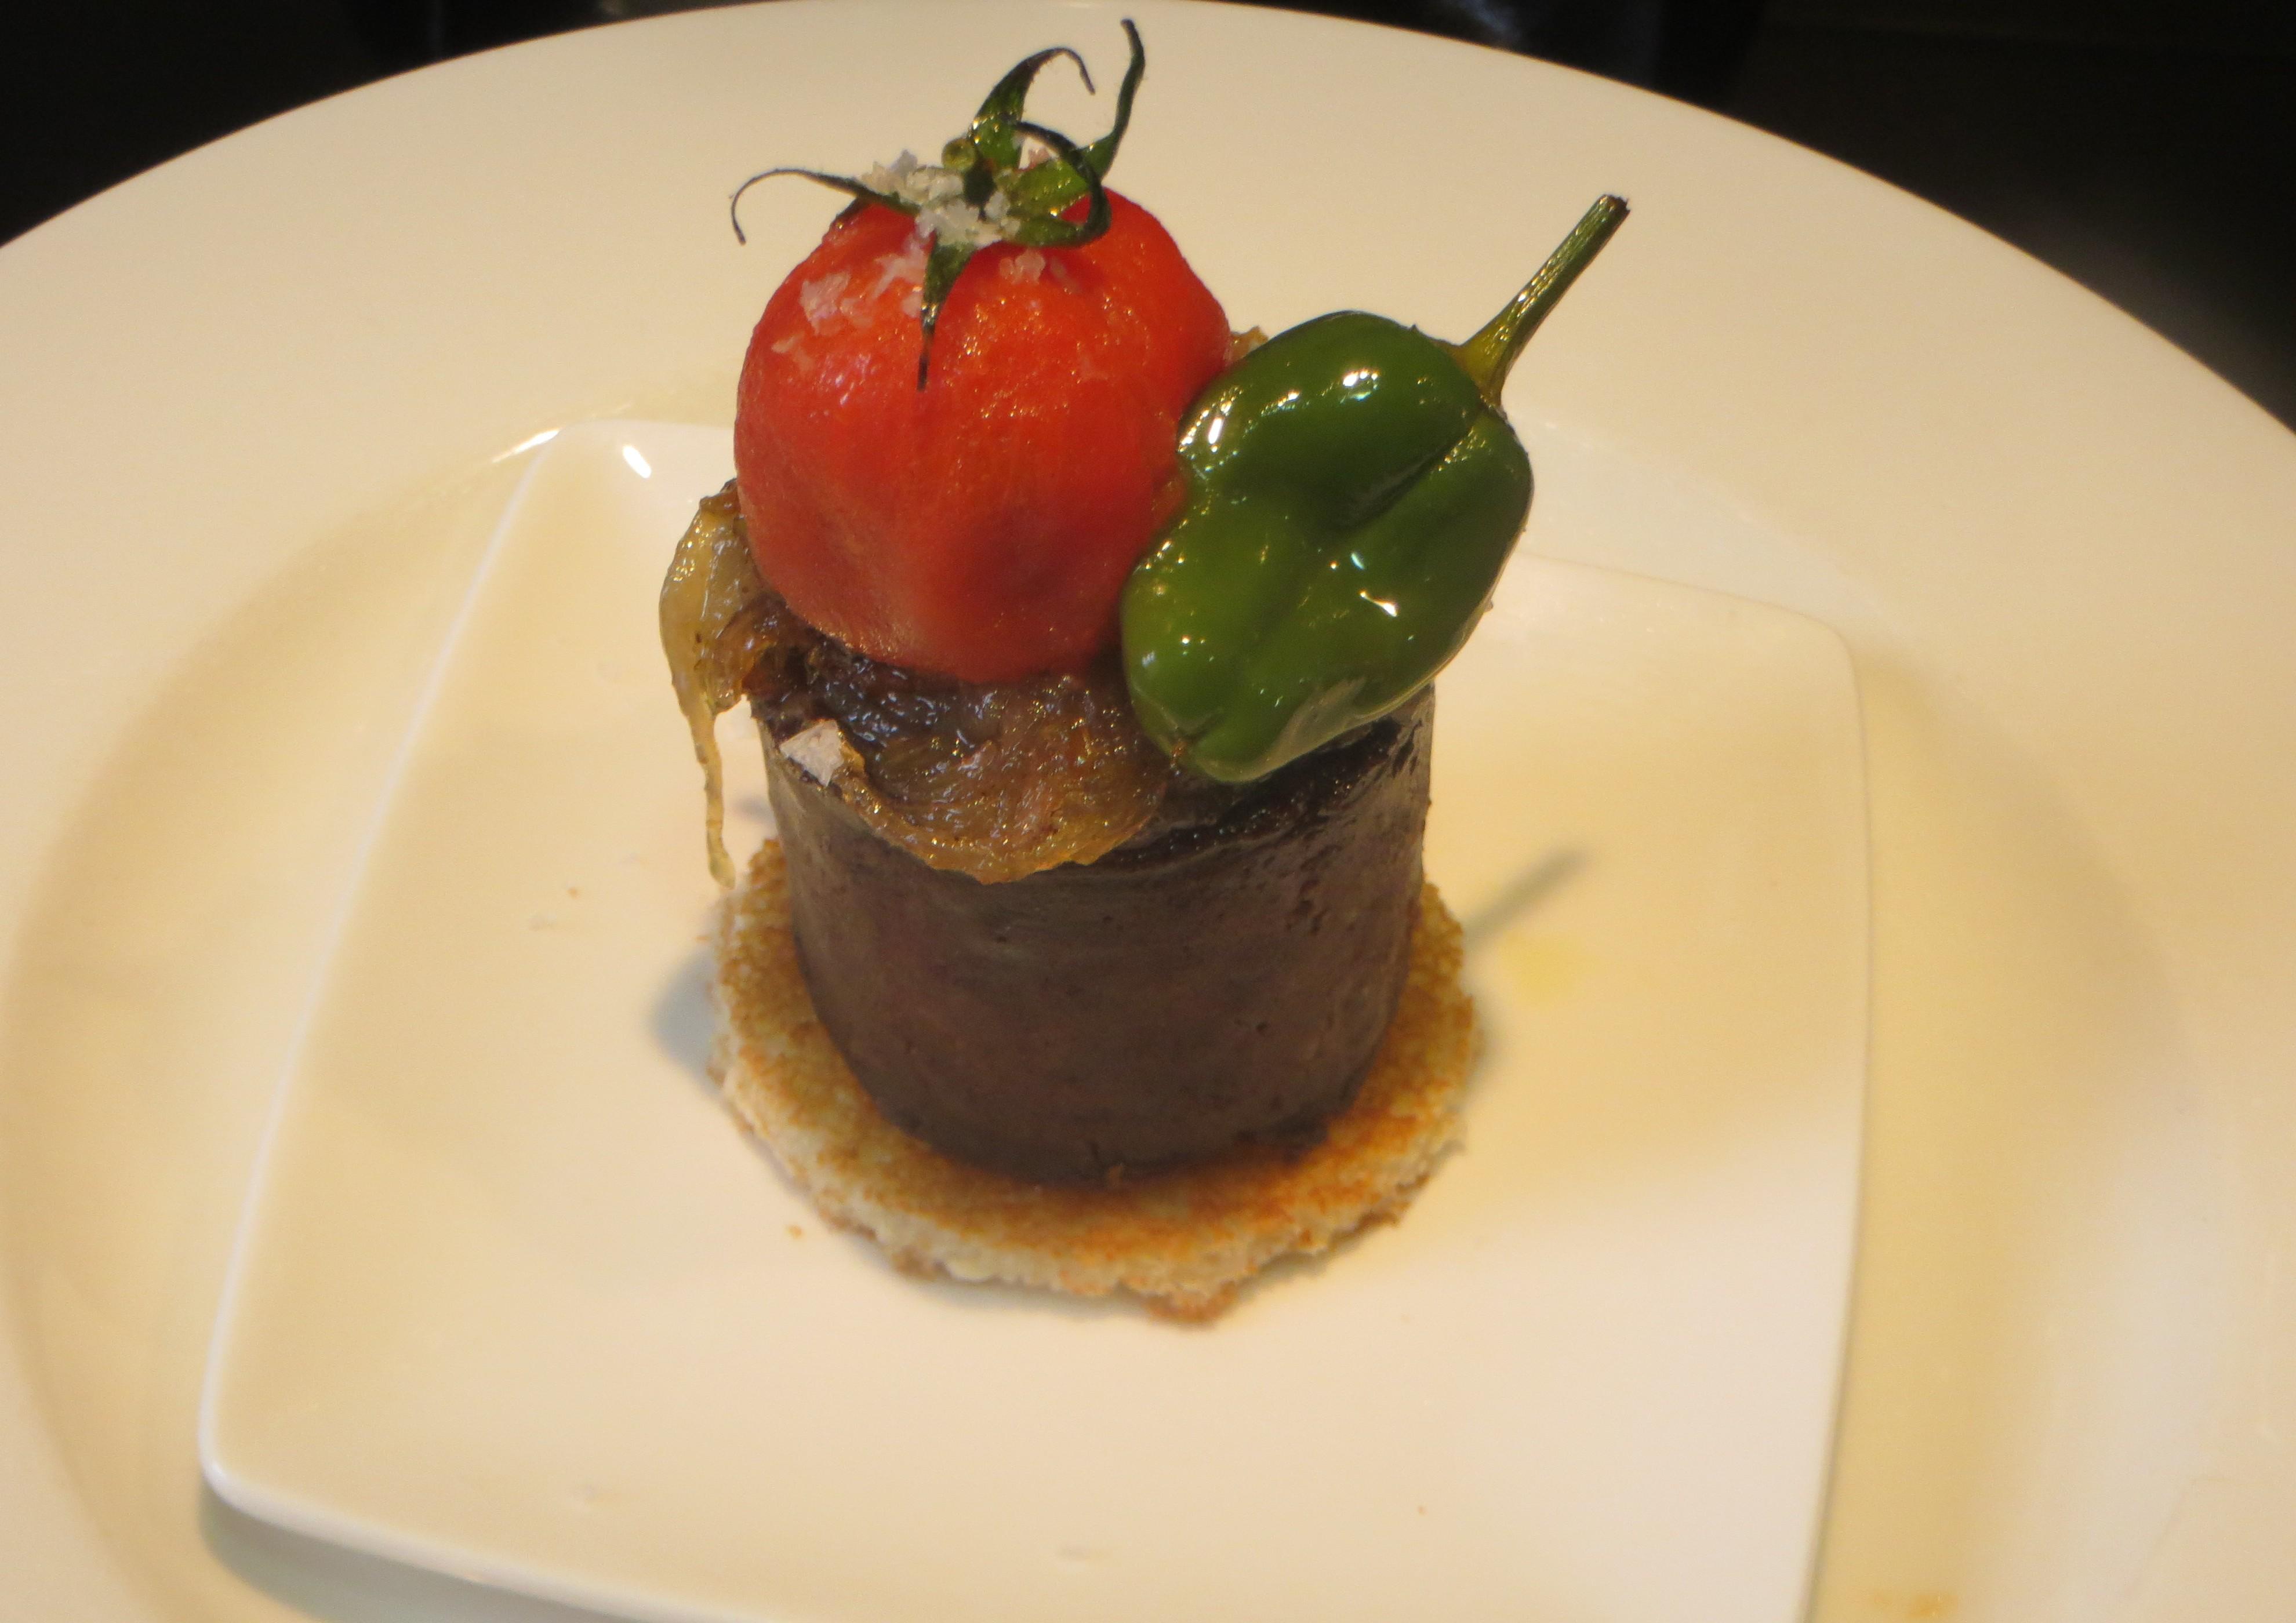 pincho de morcilla con cebolla caramelizada, tomate cherry y pimiento de Padrón